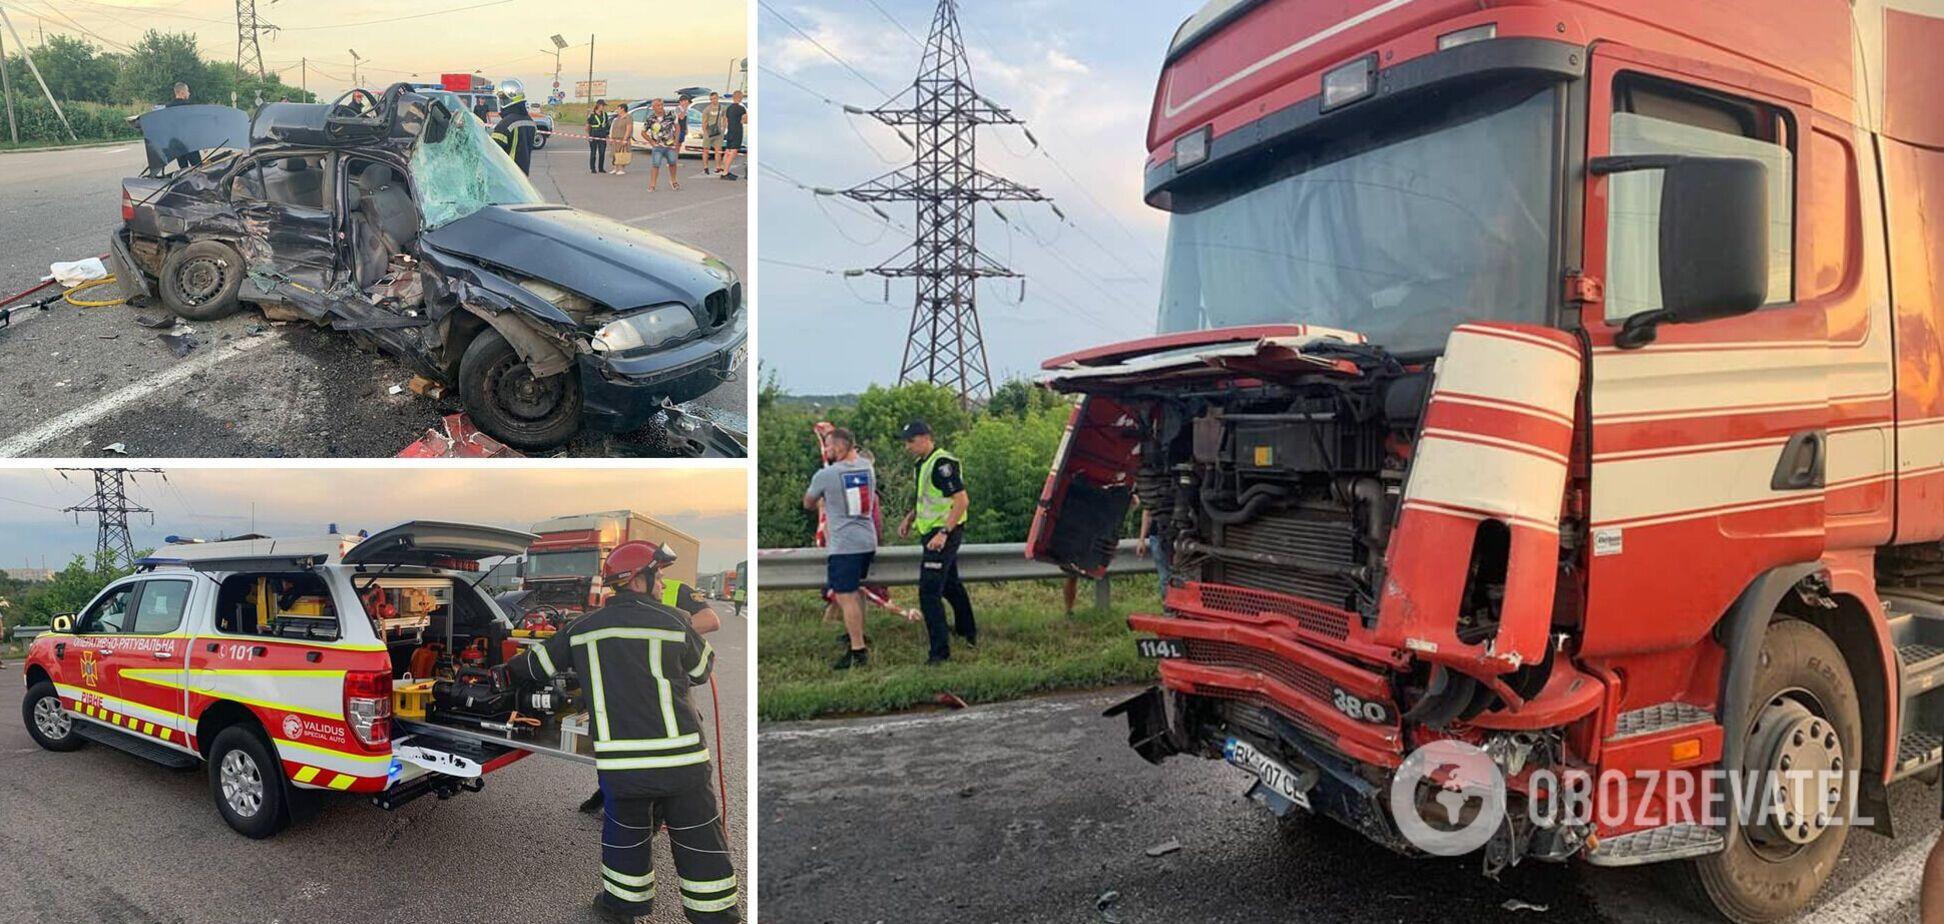 Під Рівним BMW зіткнувся з вантажівкою: пасажирка загинула, водій у лікарні. Фото і відео